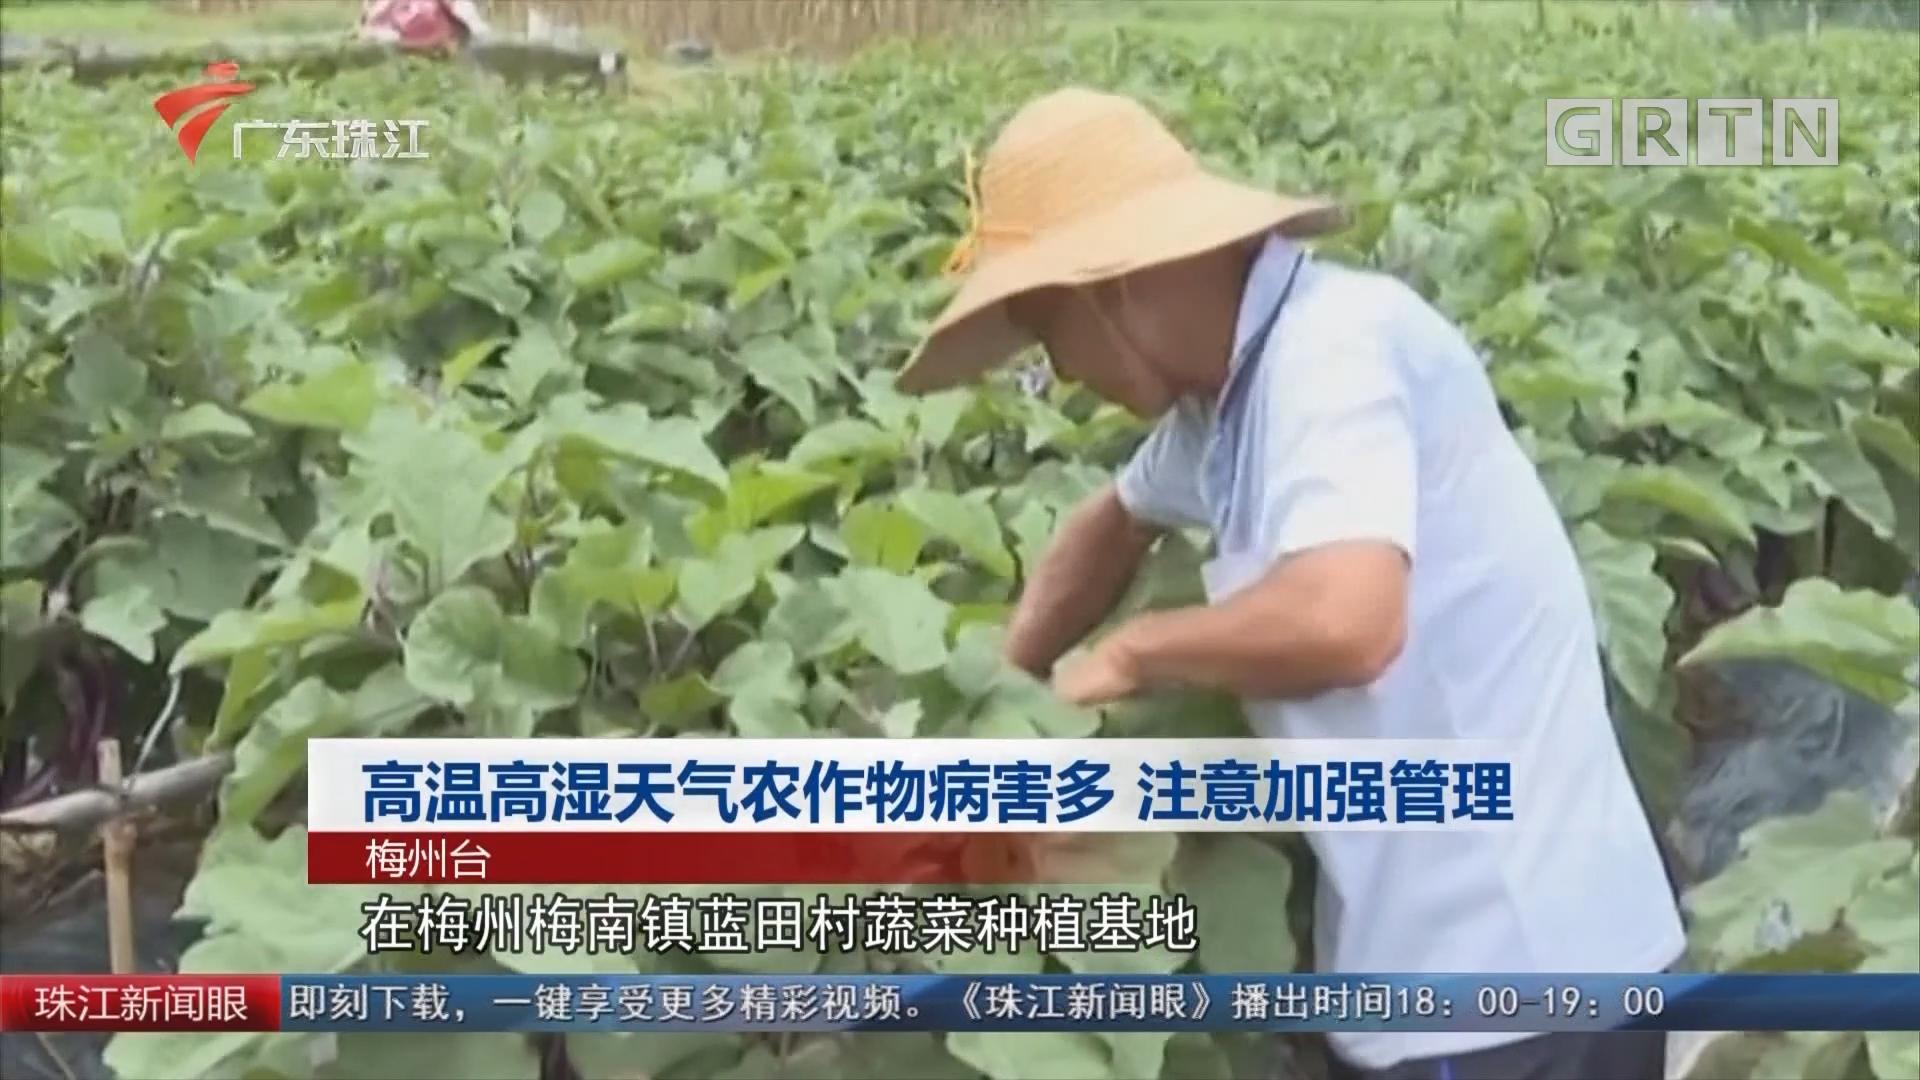 高溫高濕天氣農作物病害多 注意加強管理